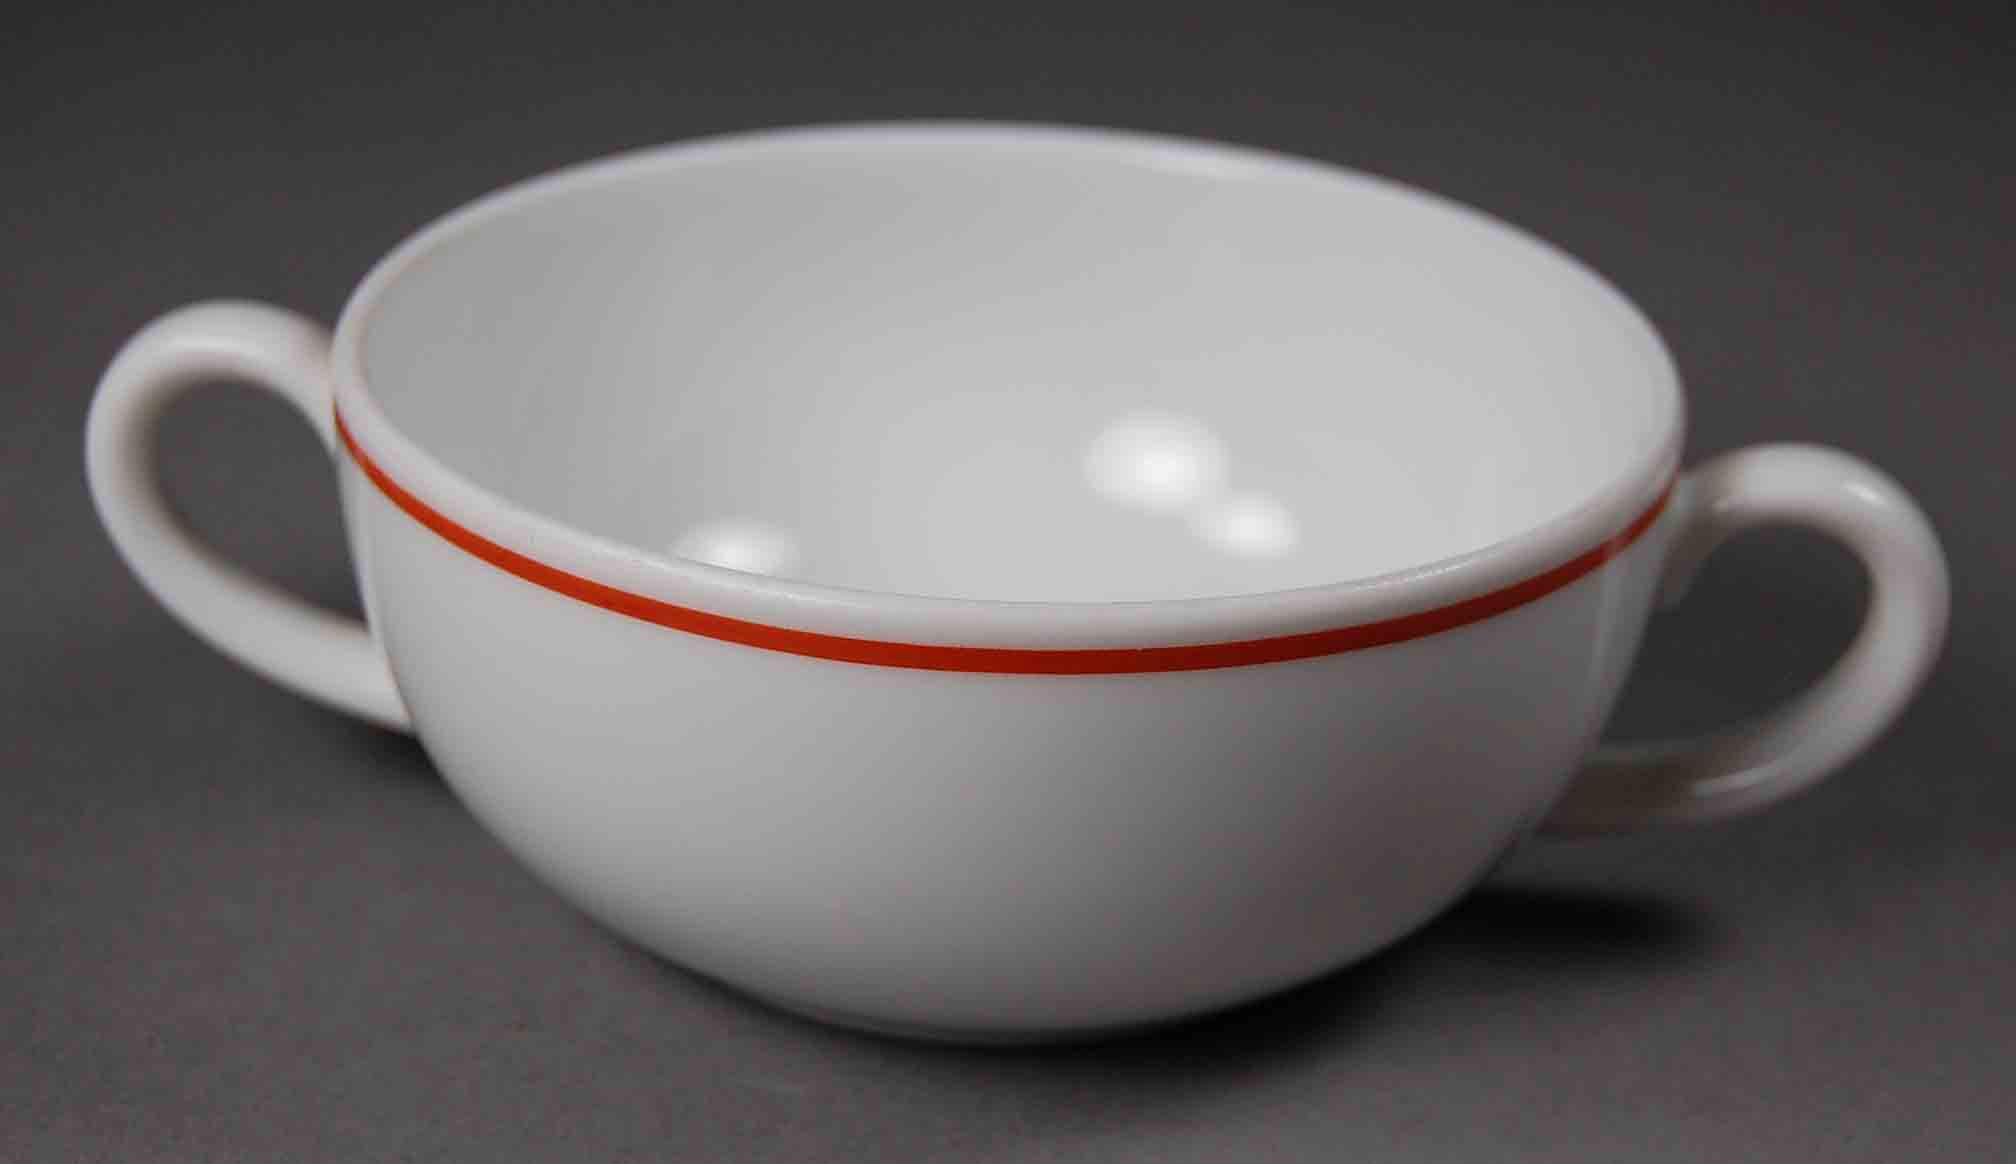 sch nwald tableware 98 soupcup design und klassiker. Black Bedroom Furniture Sets. Home Design Ideas